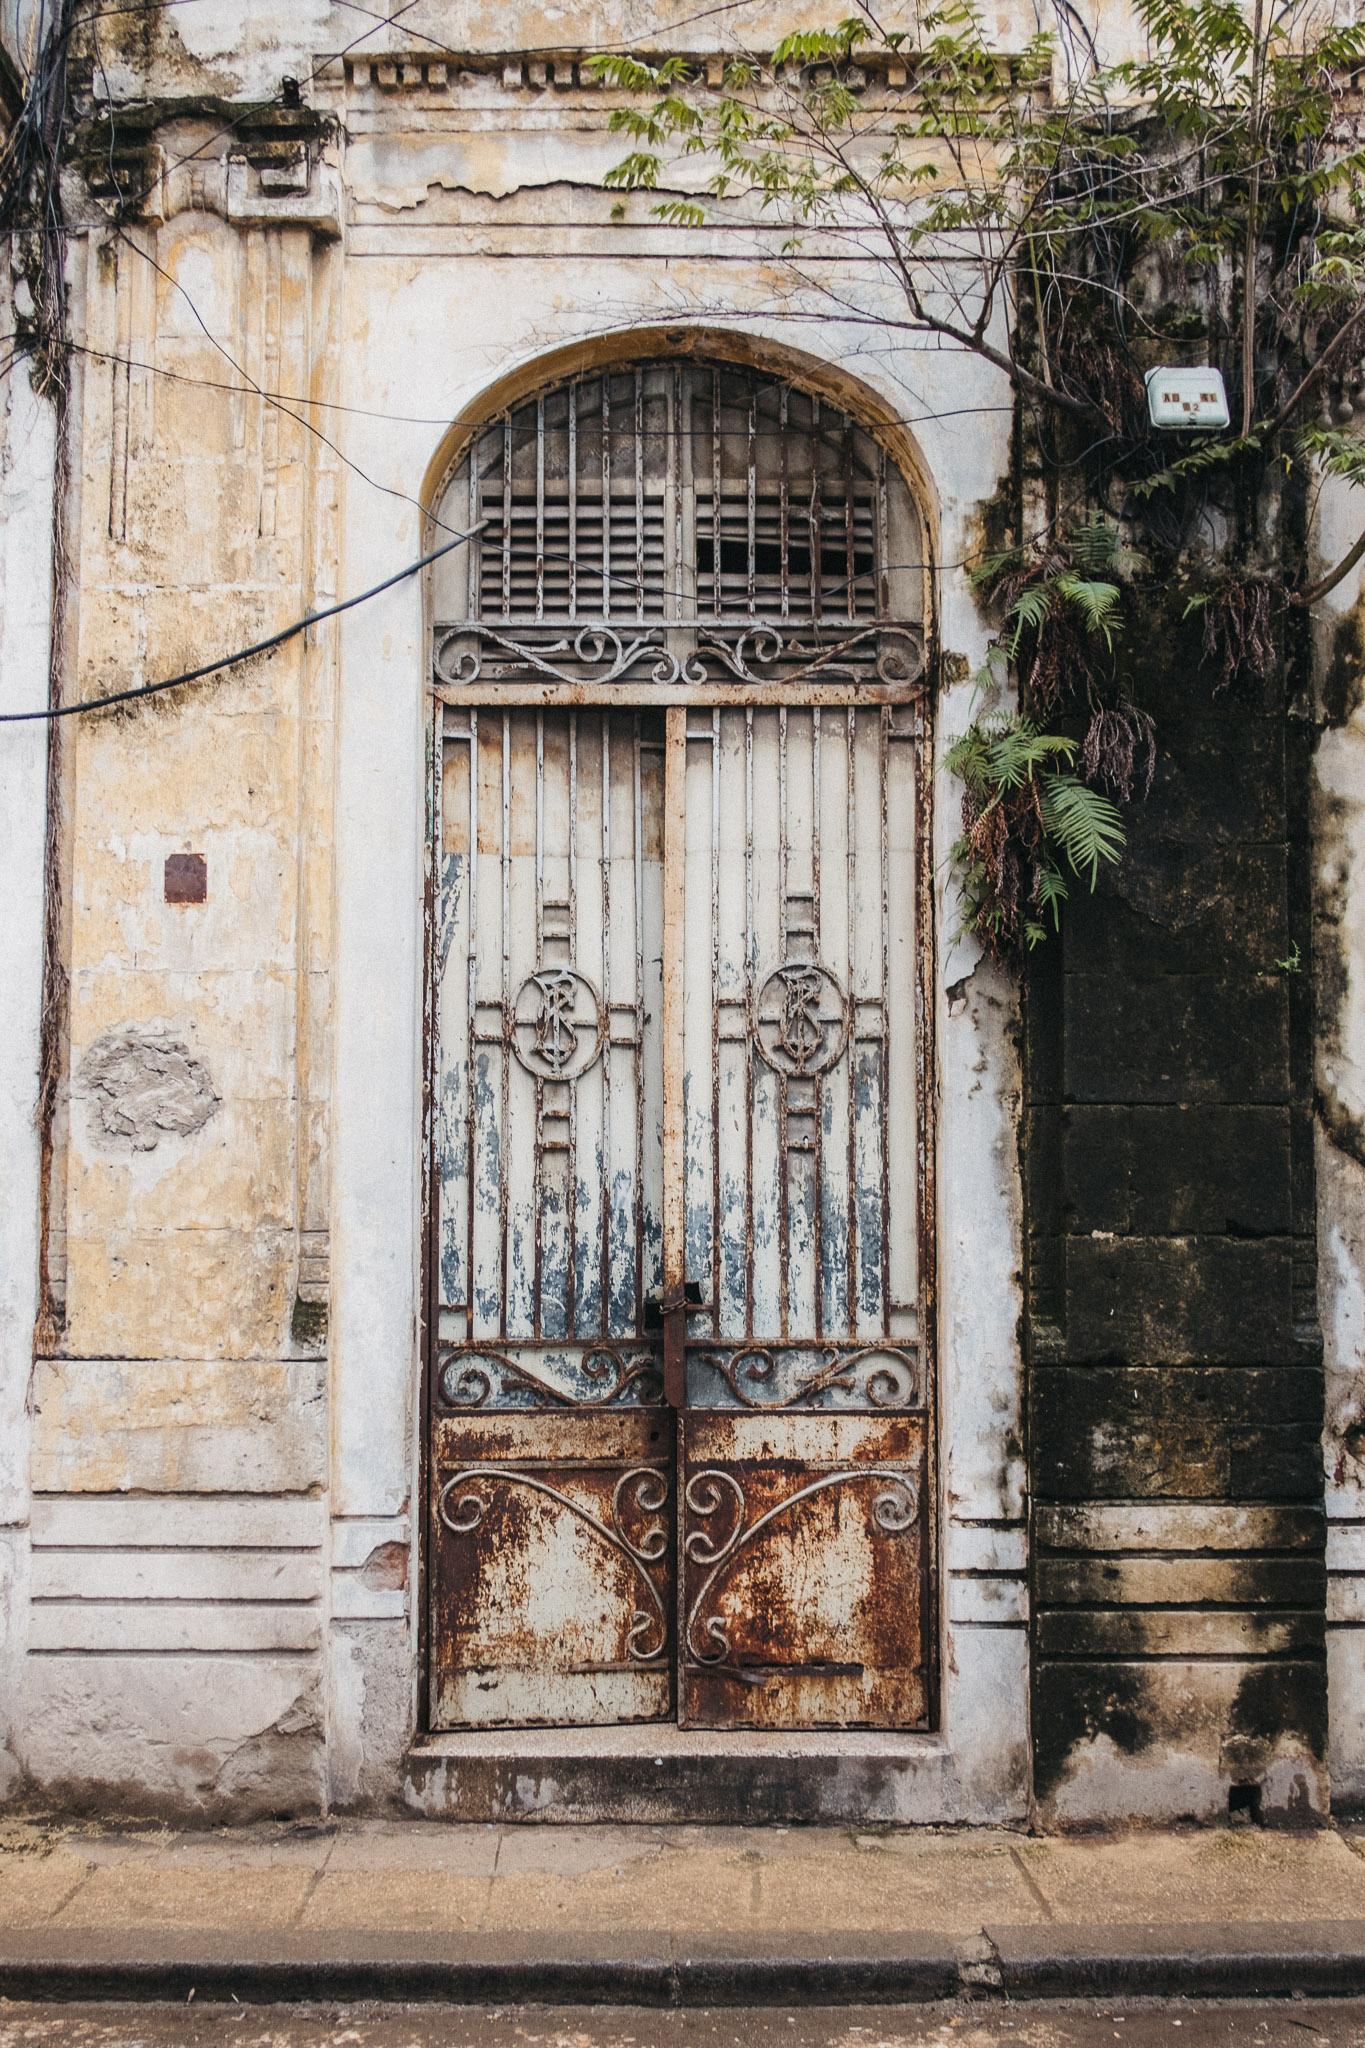 Cuba-2017-12-Havana-0091.jpg